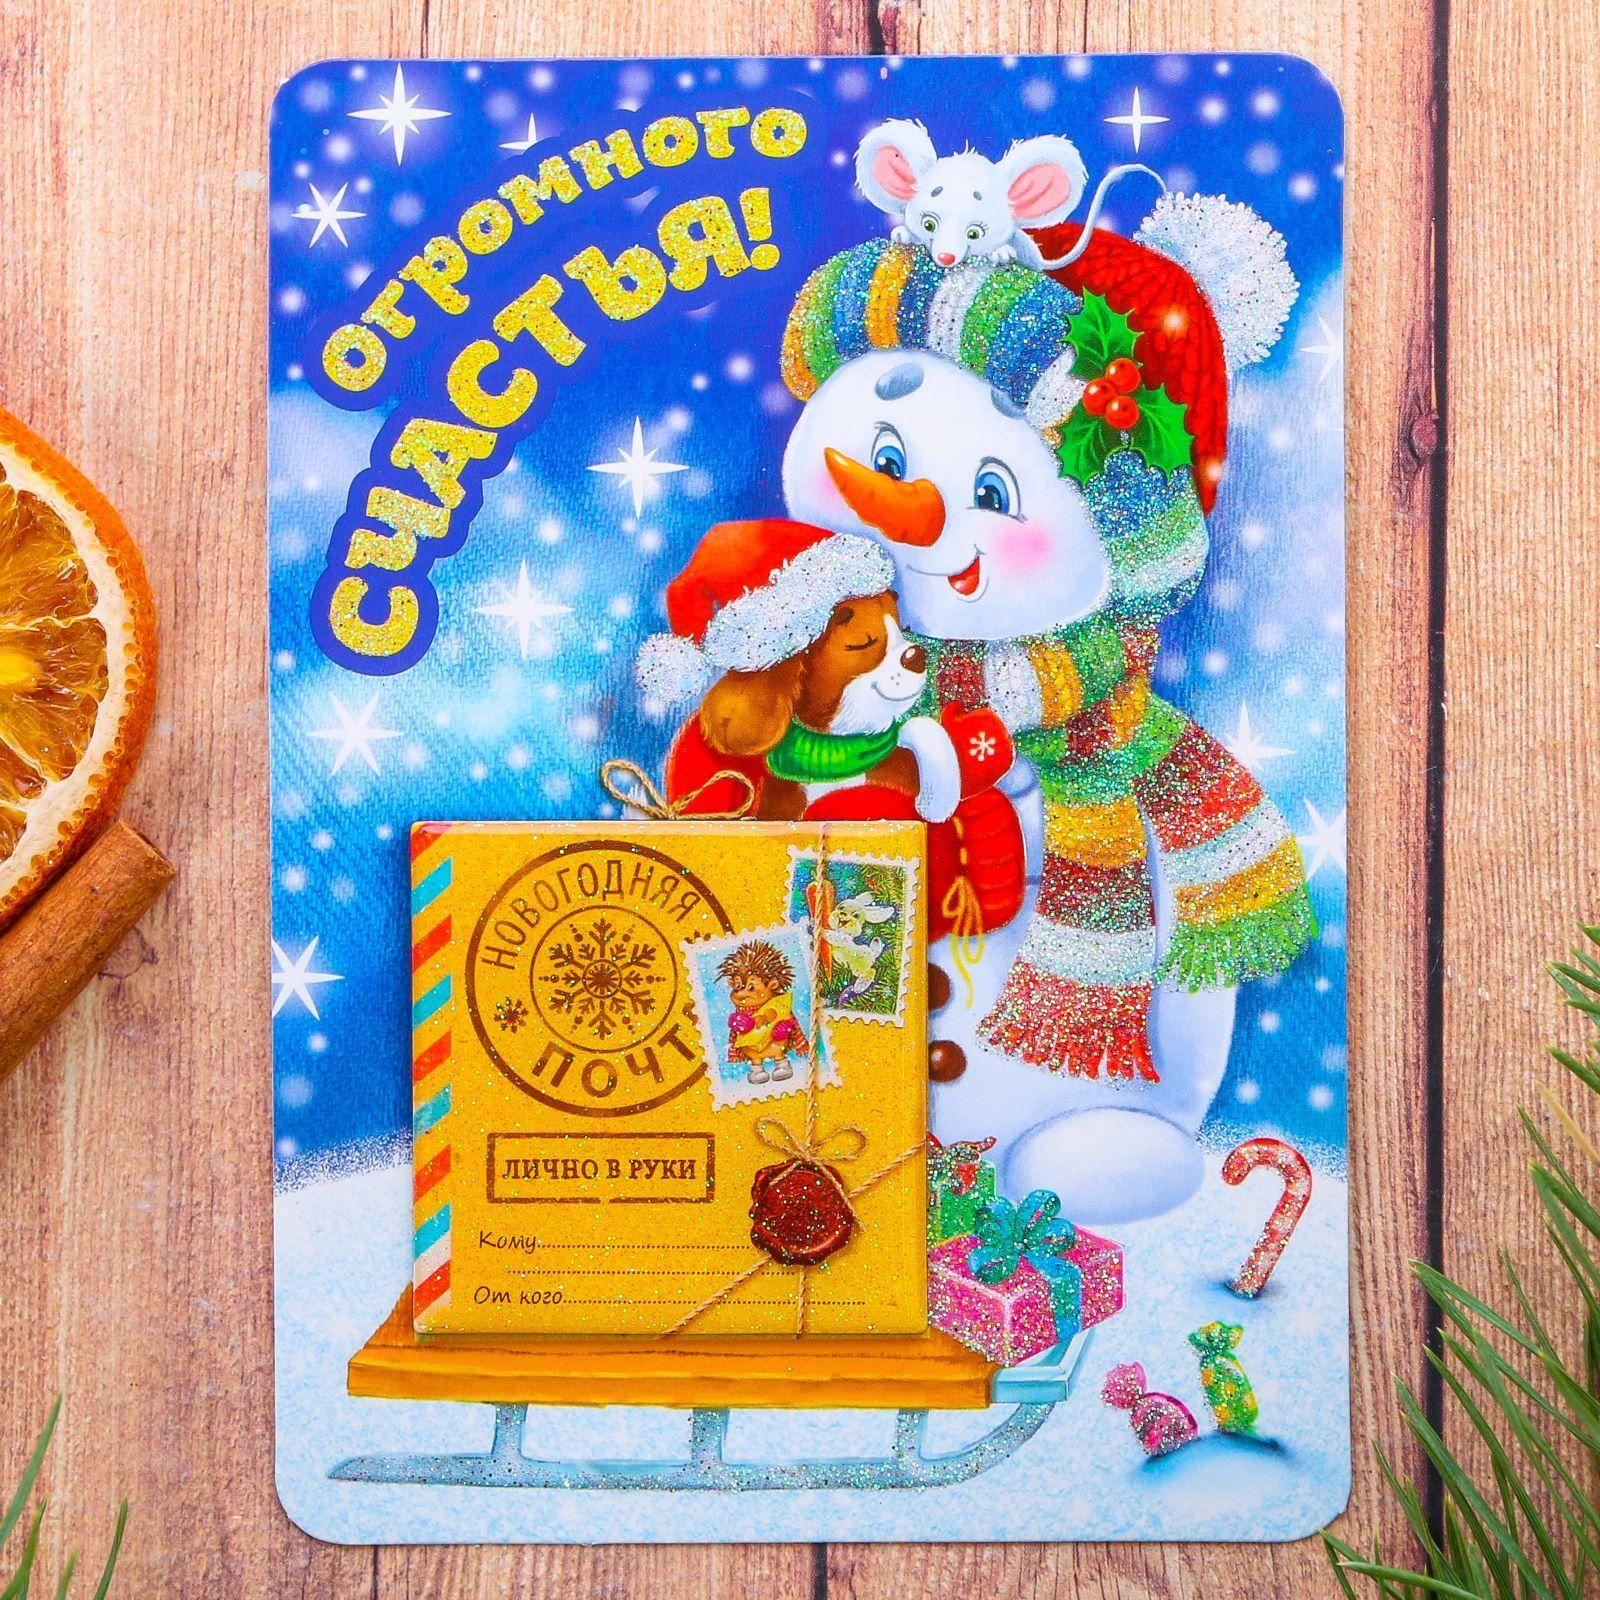 Магнит Sima-land Огромного счастья, с открыткой, 10,5 х 14,5 см2123245Порадуйте родных и близких оригинальным сувениром: преподнесите в подарок магнит. С ним даже самый серьёзный человек почувствует себя ребёнком, ожидающим чудо! Создайте праздничное настроение, и оно останется с вами на весь год.